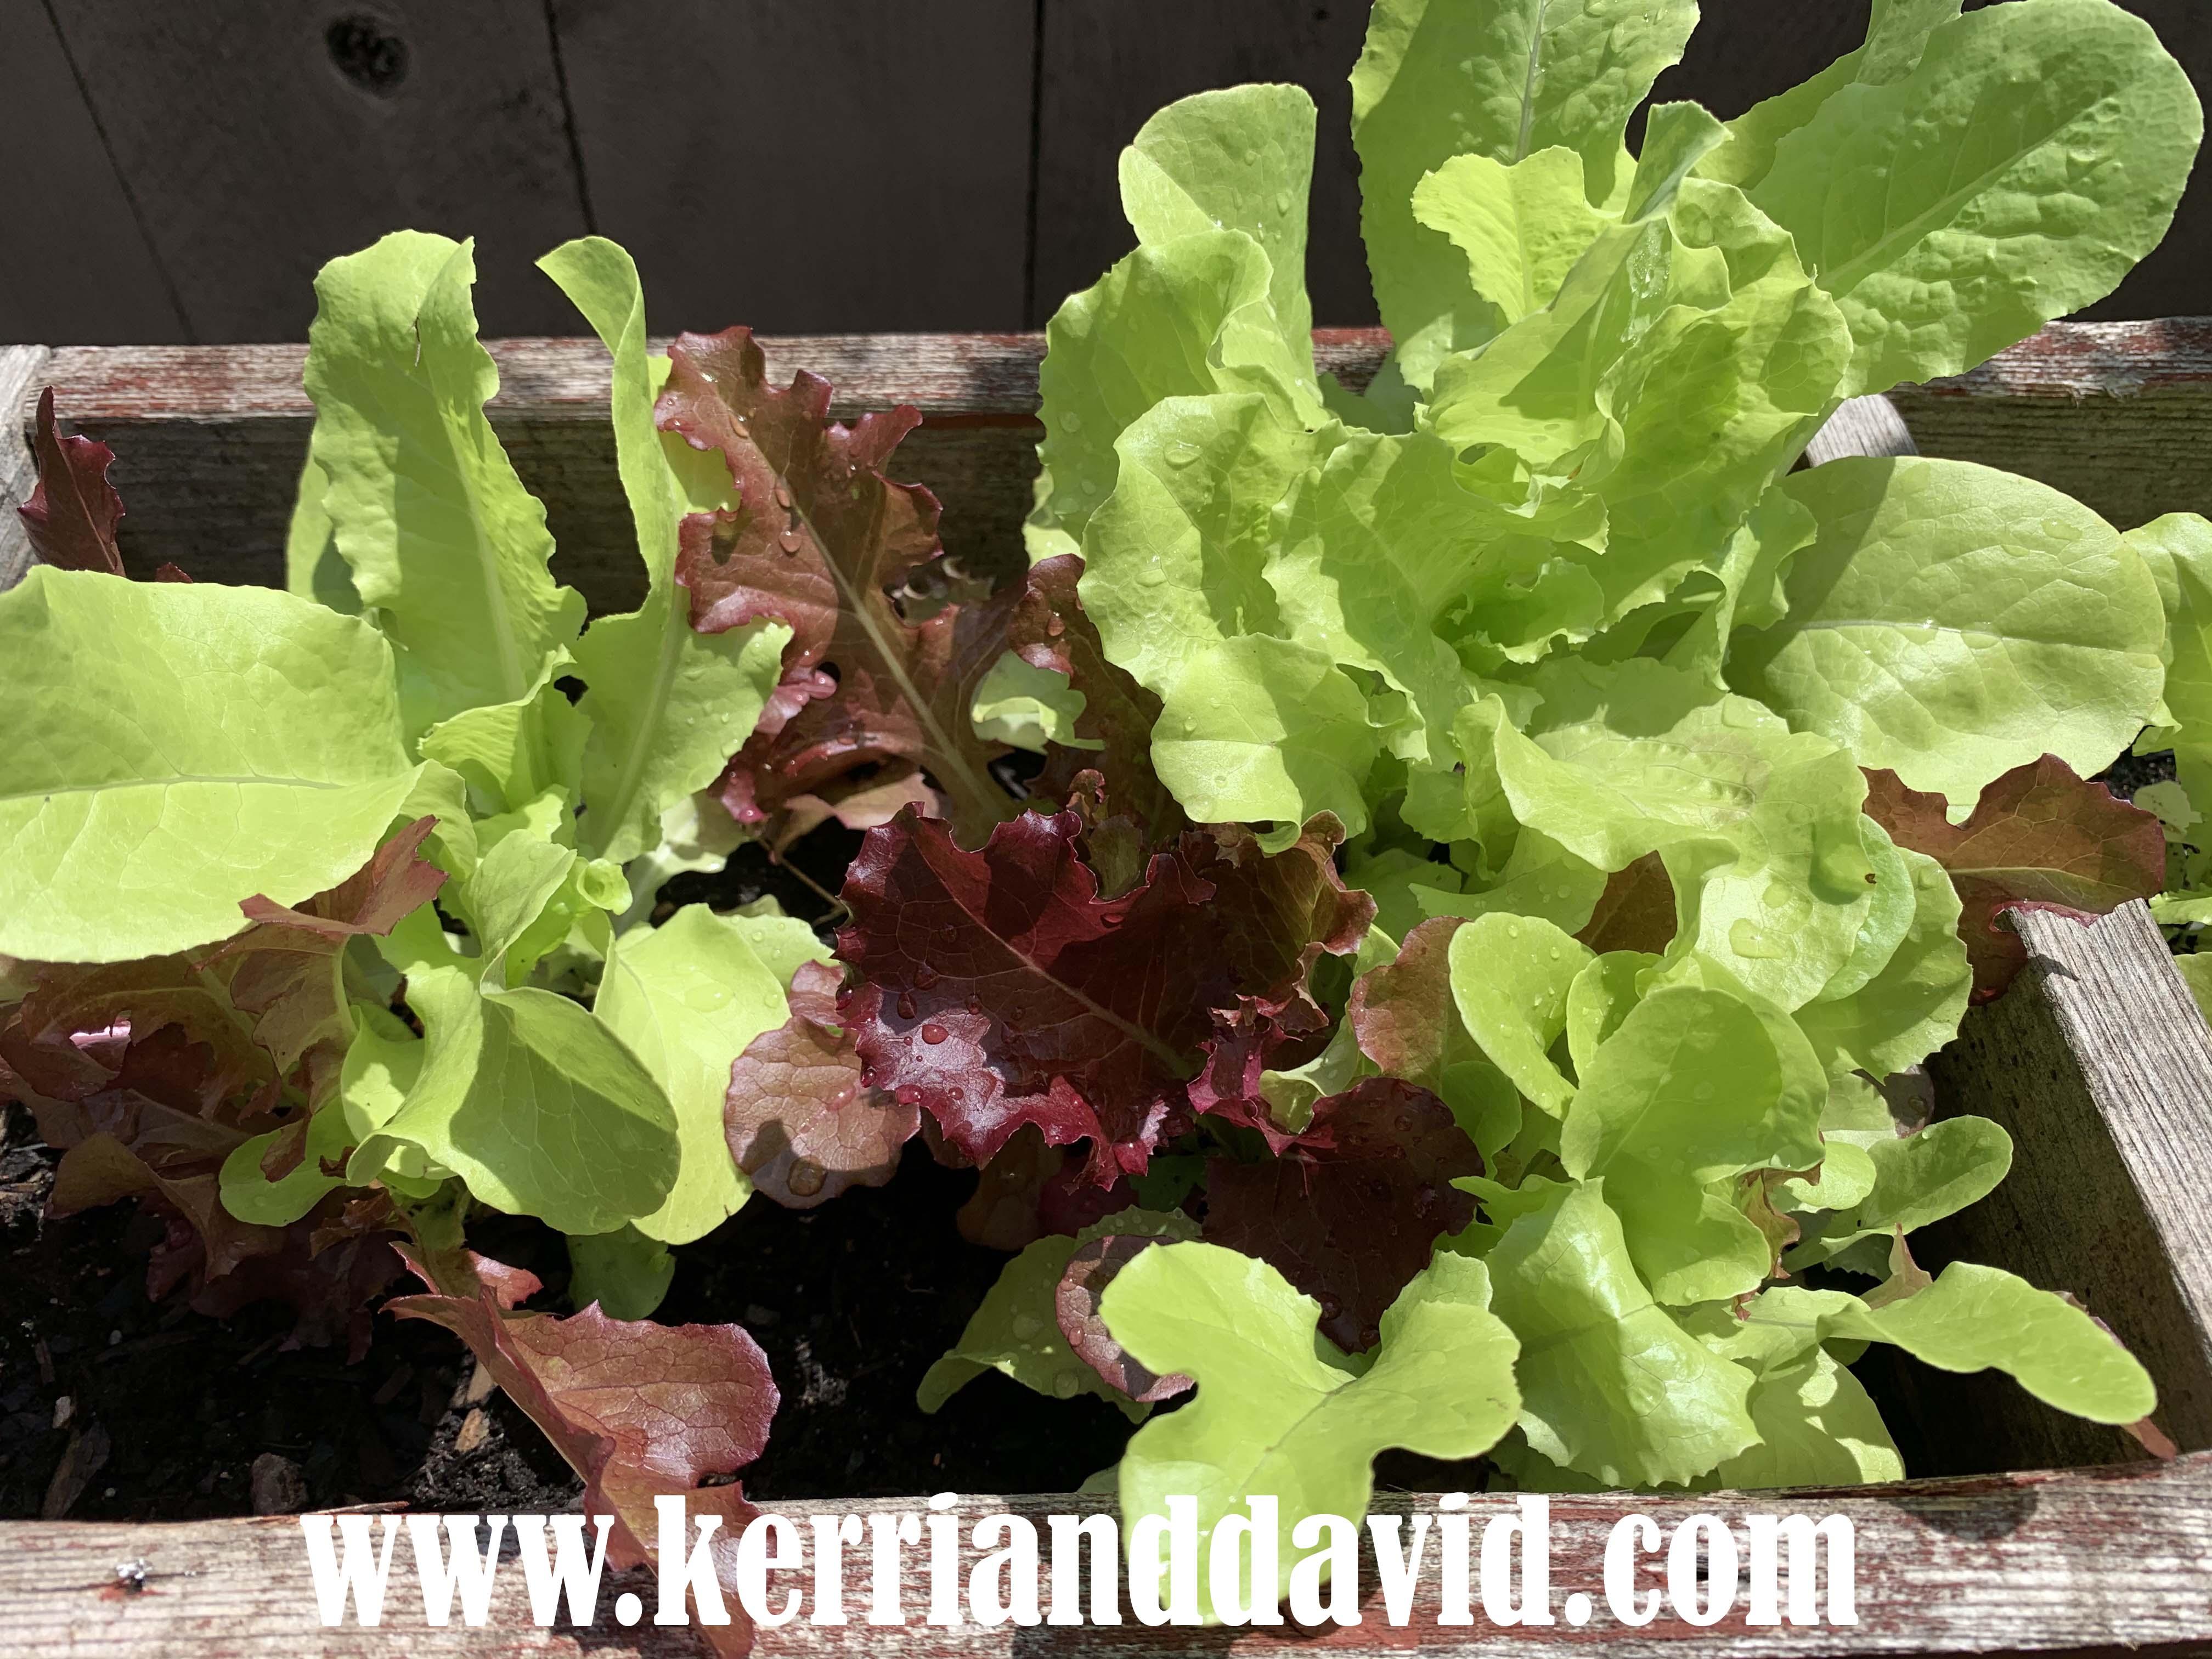 lettuce website box